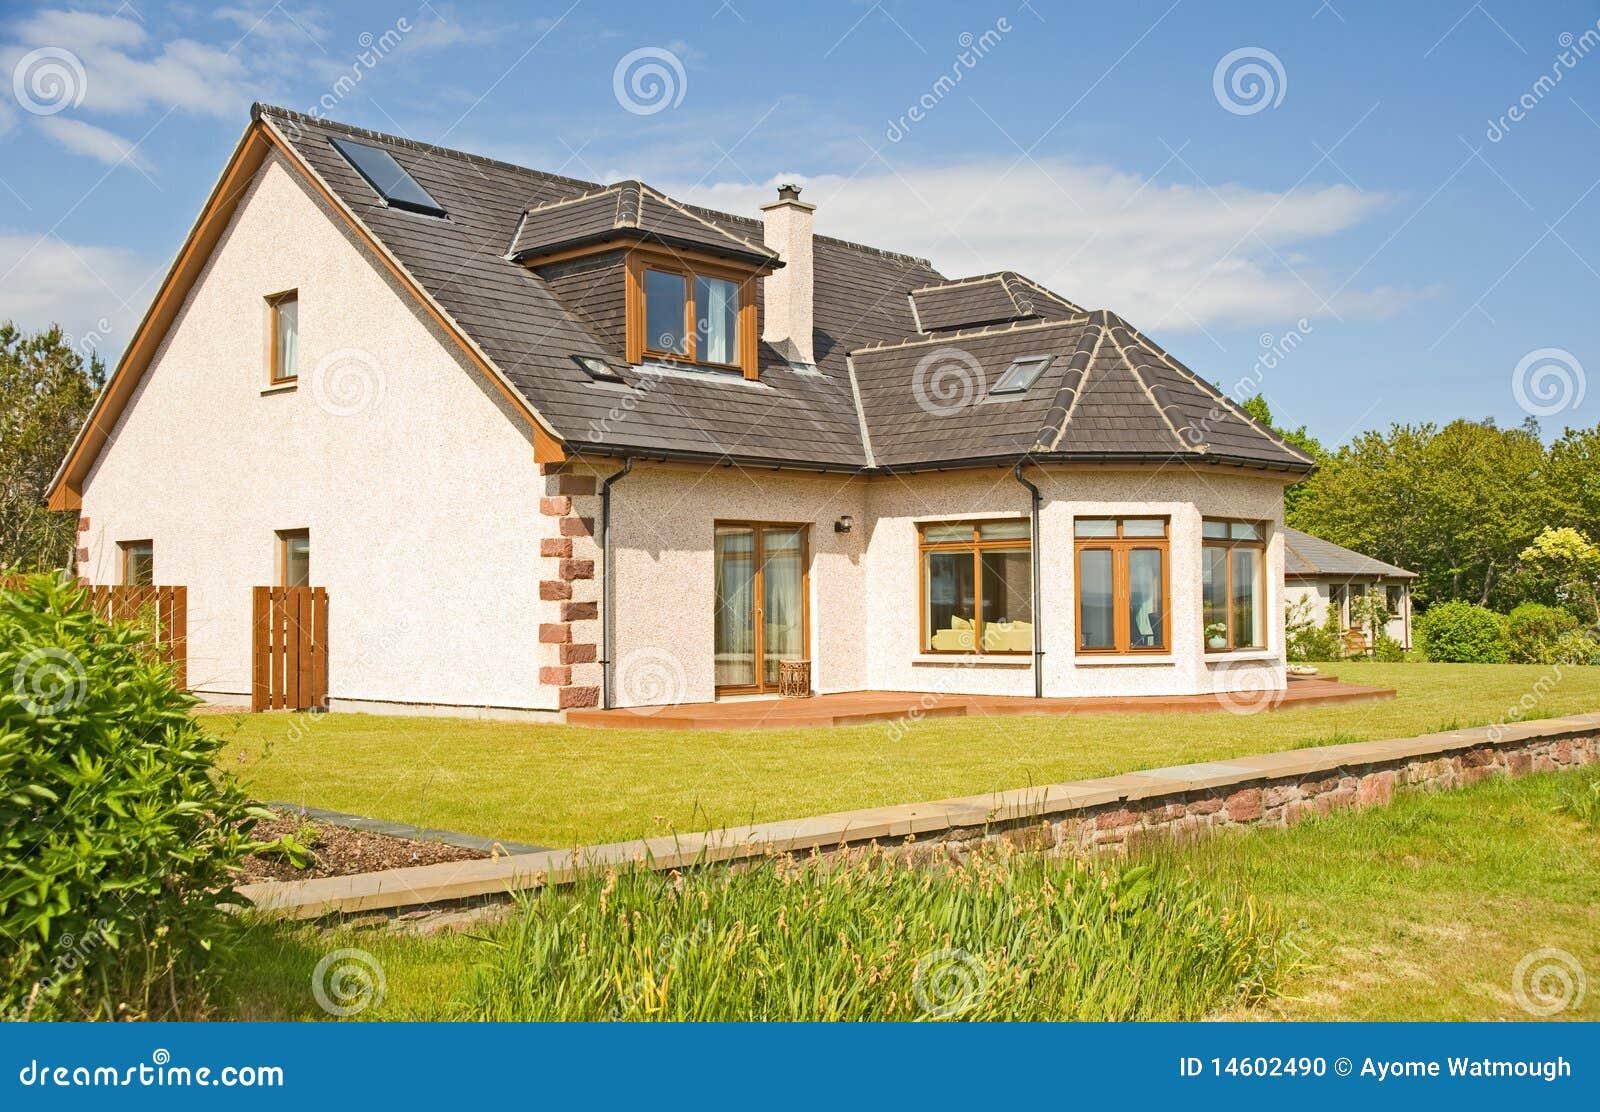 Modernes haus mit kamin und garten stockfoto bild 14602490 for Modernes haus mit garten